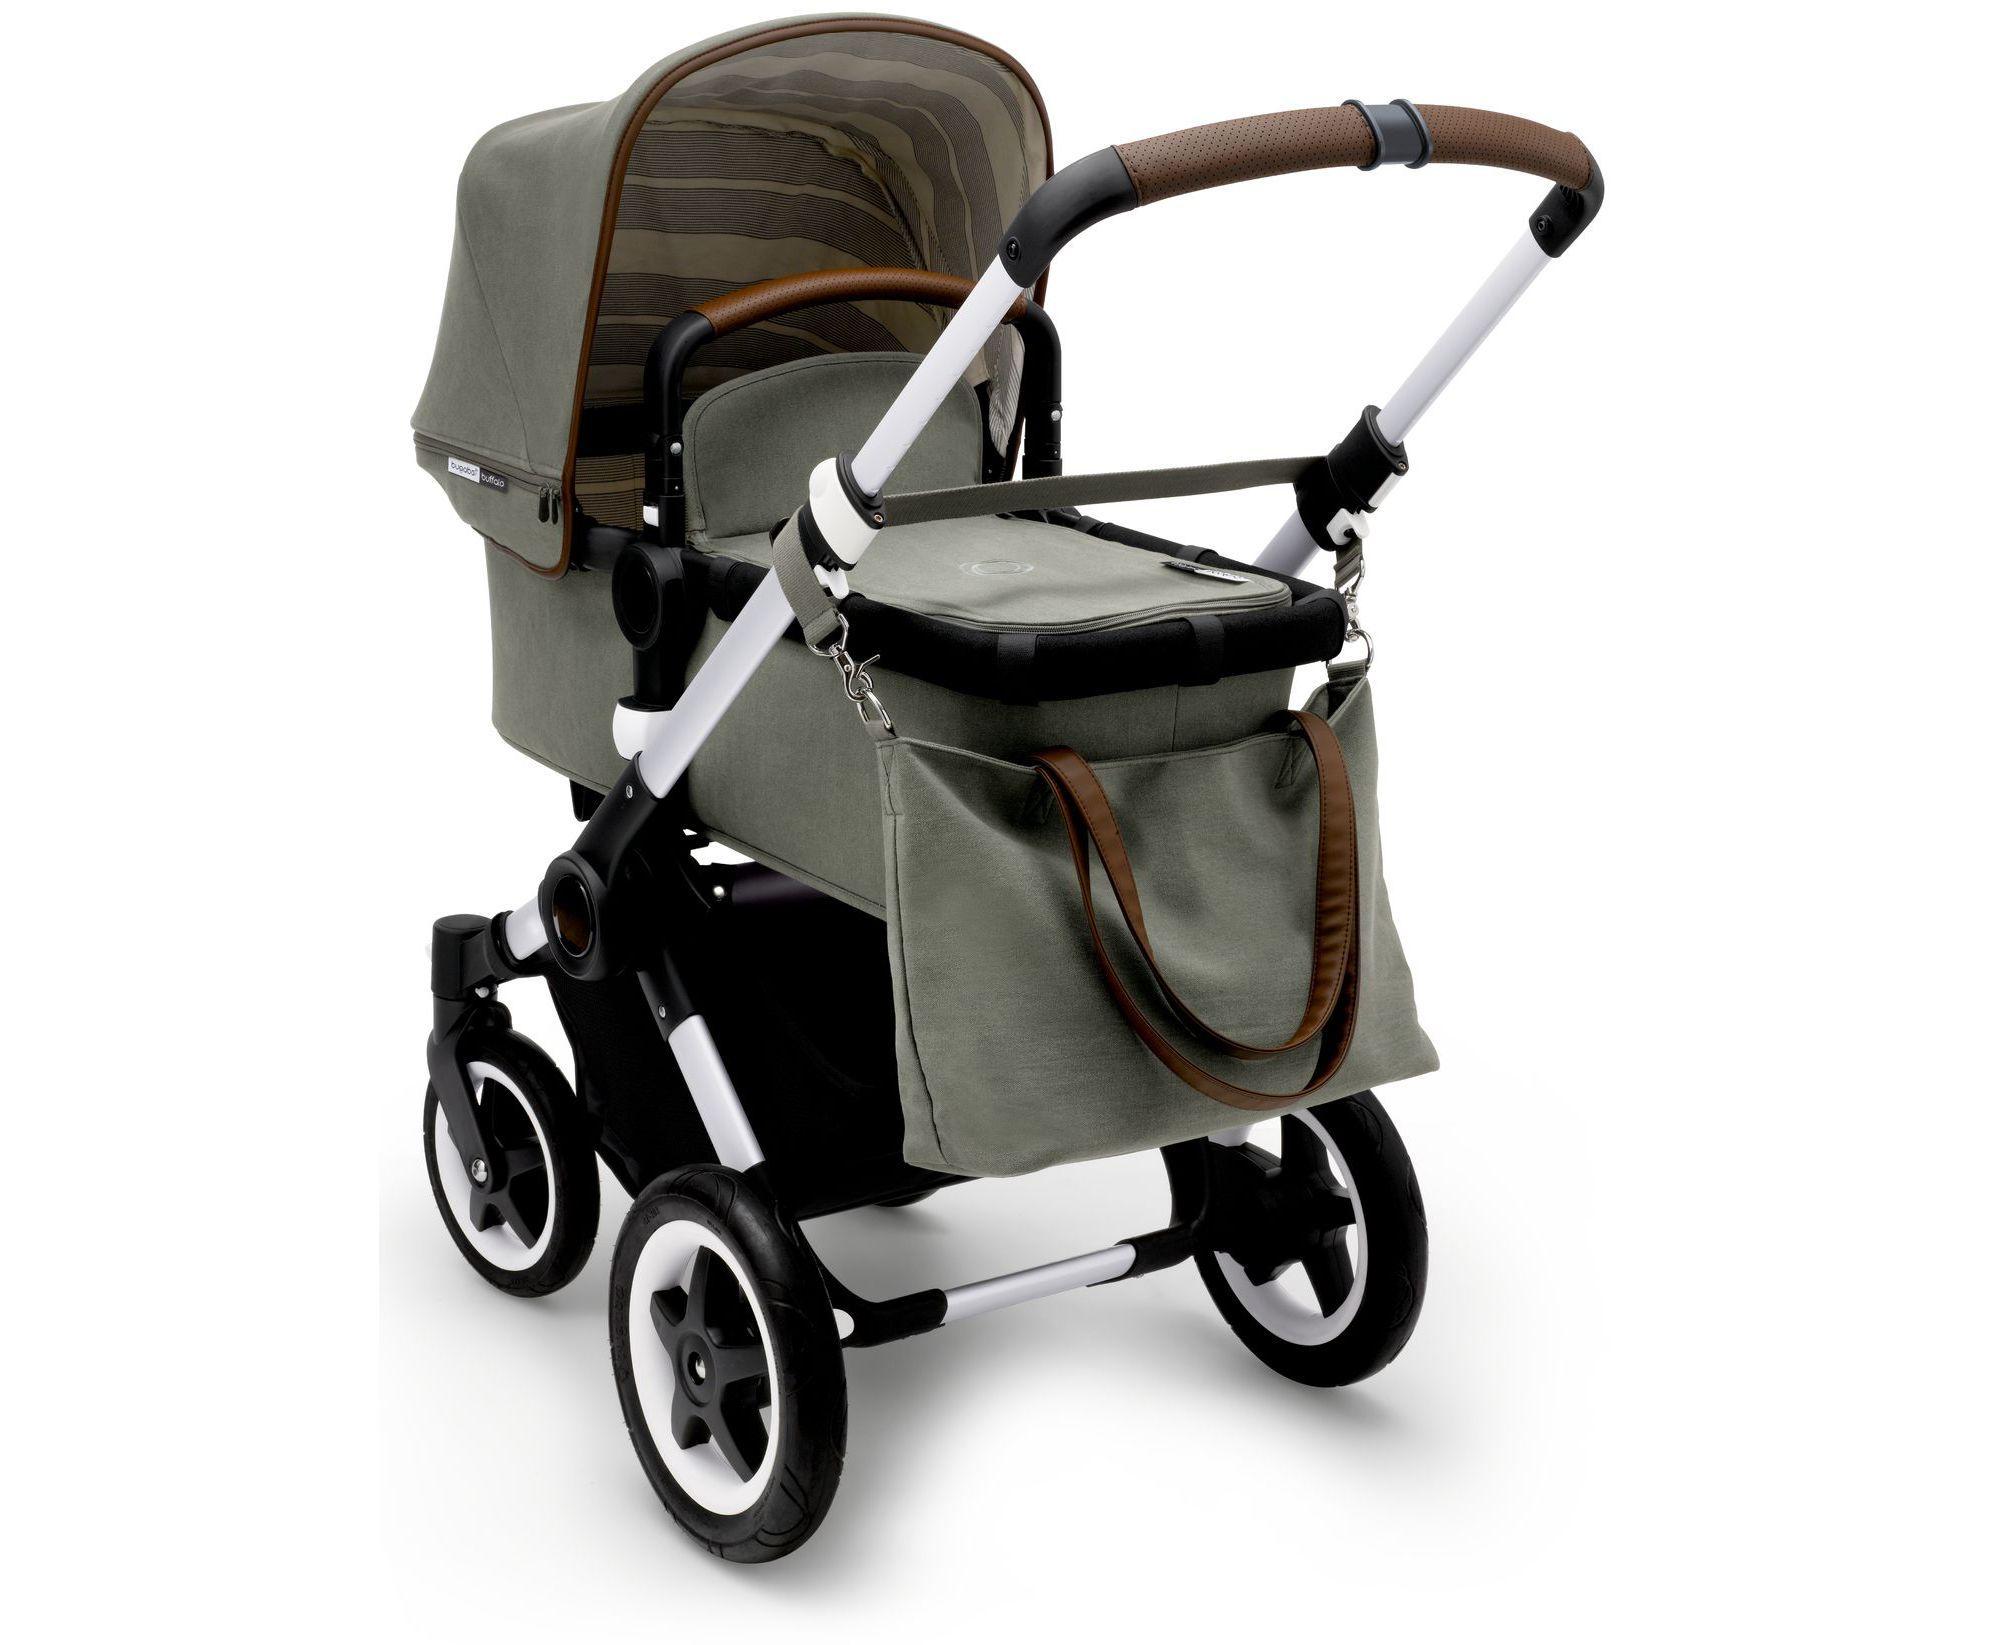 nursery bedding Bugaboo buffalo, Baby jogger stroller